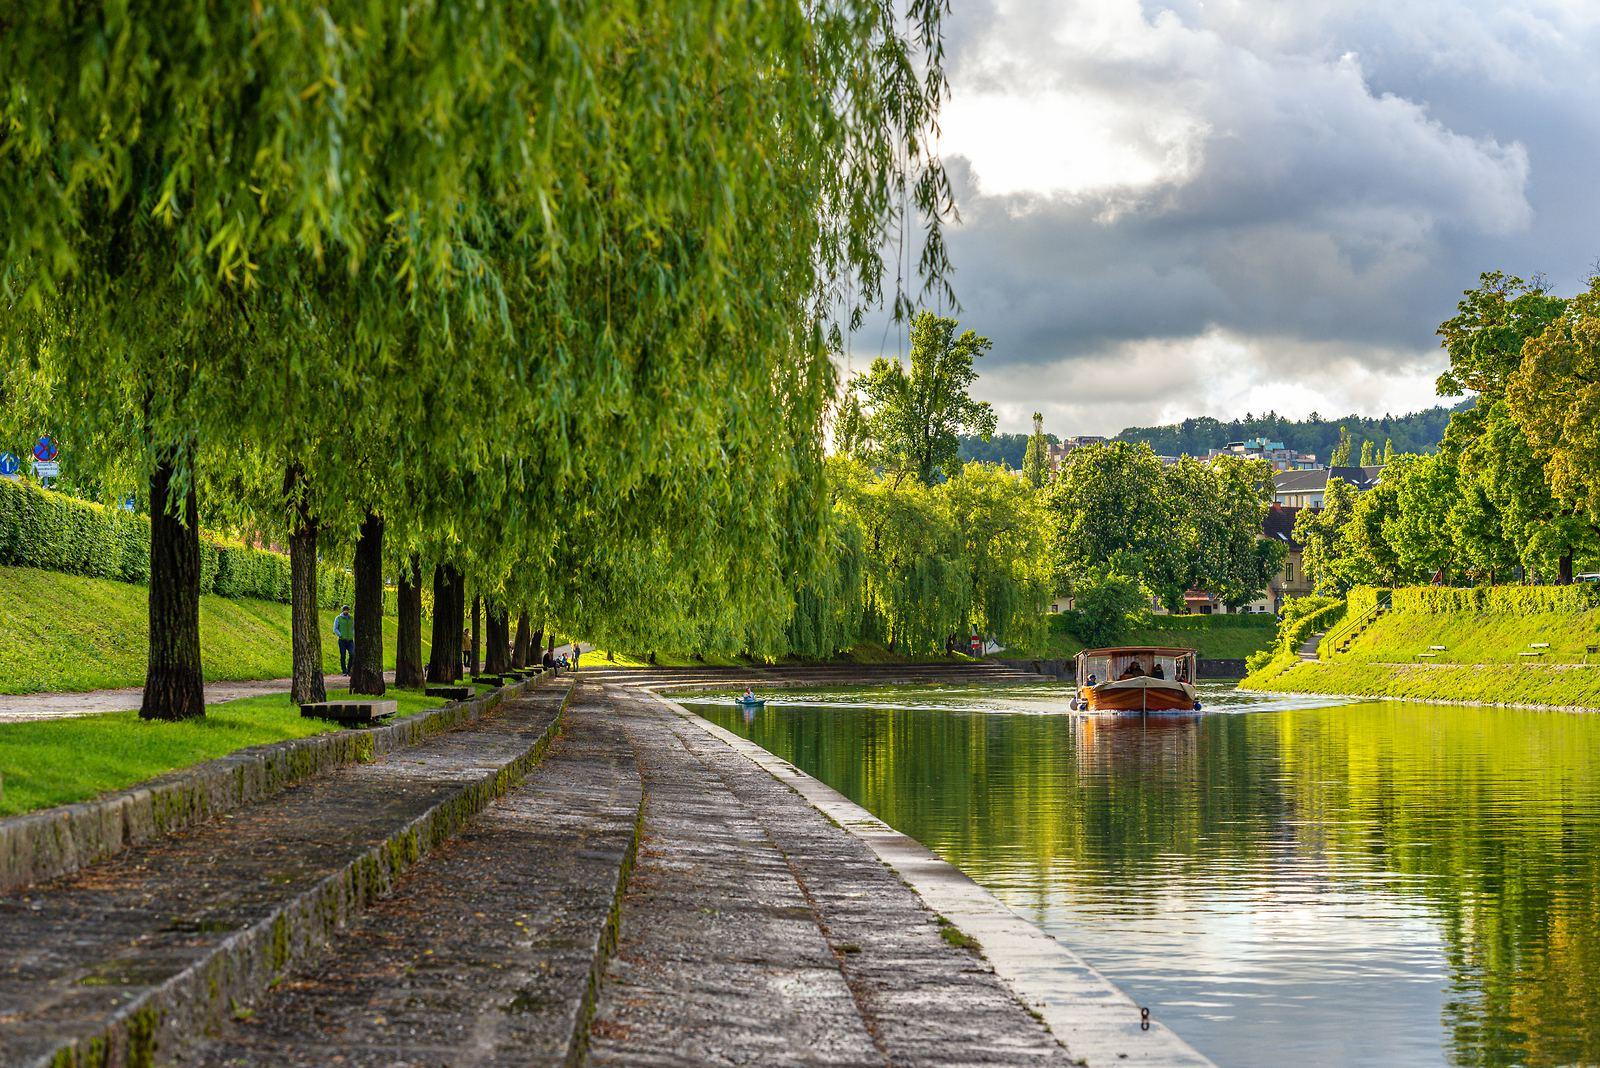 Nábřeží Trnovo, Lublaň, Slovinsko. Foto: Andrej Tarfila